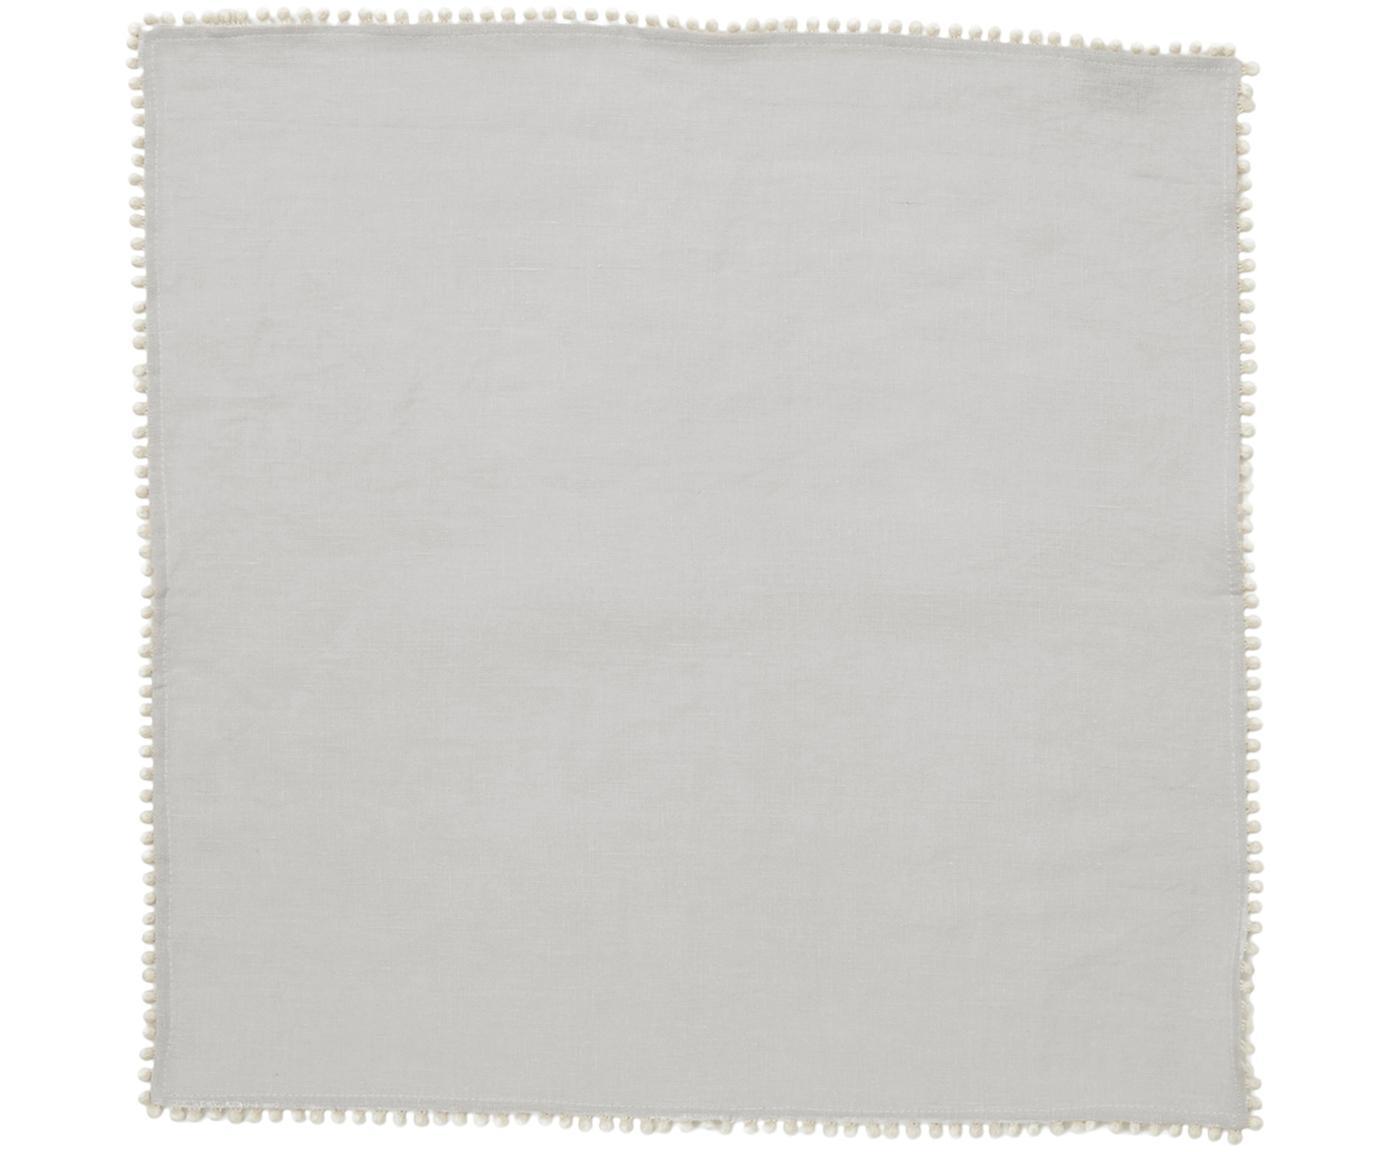 Servilletas de lino Pom Pom, 4uds., Lino, Gris claro, An 46 x L 46 cm